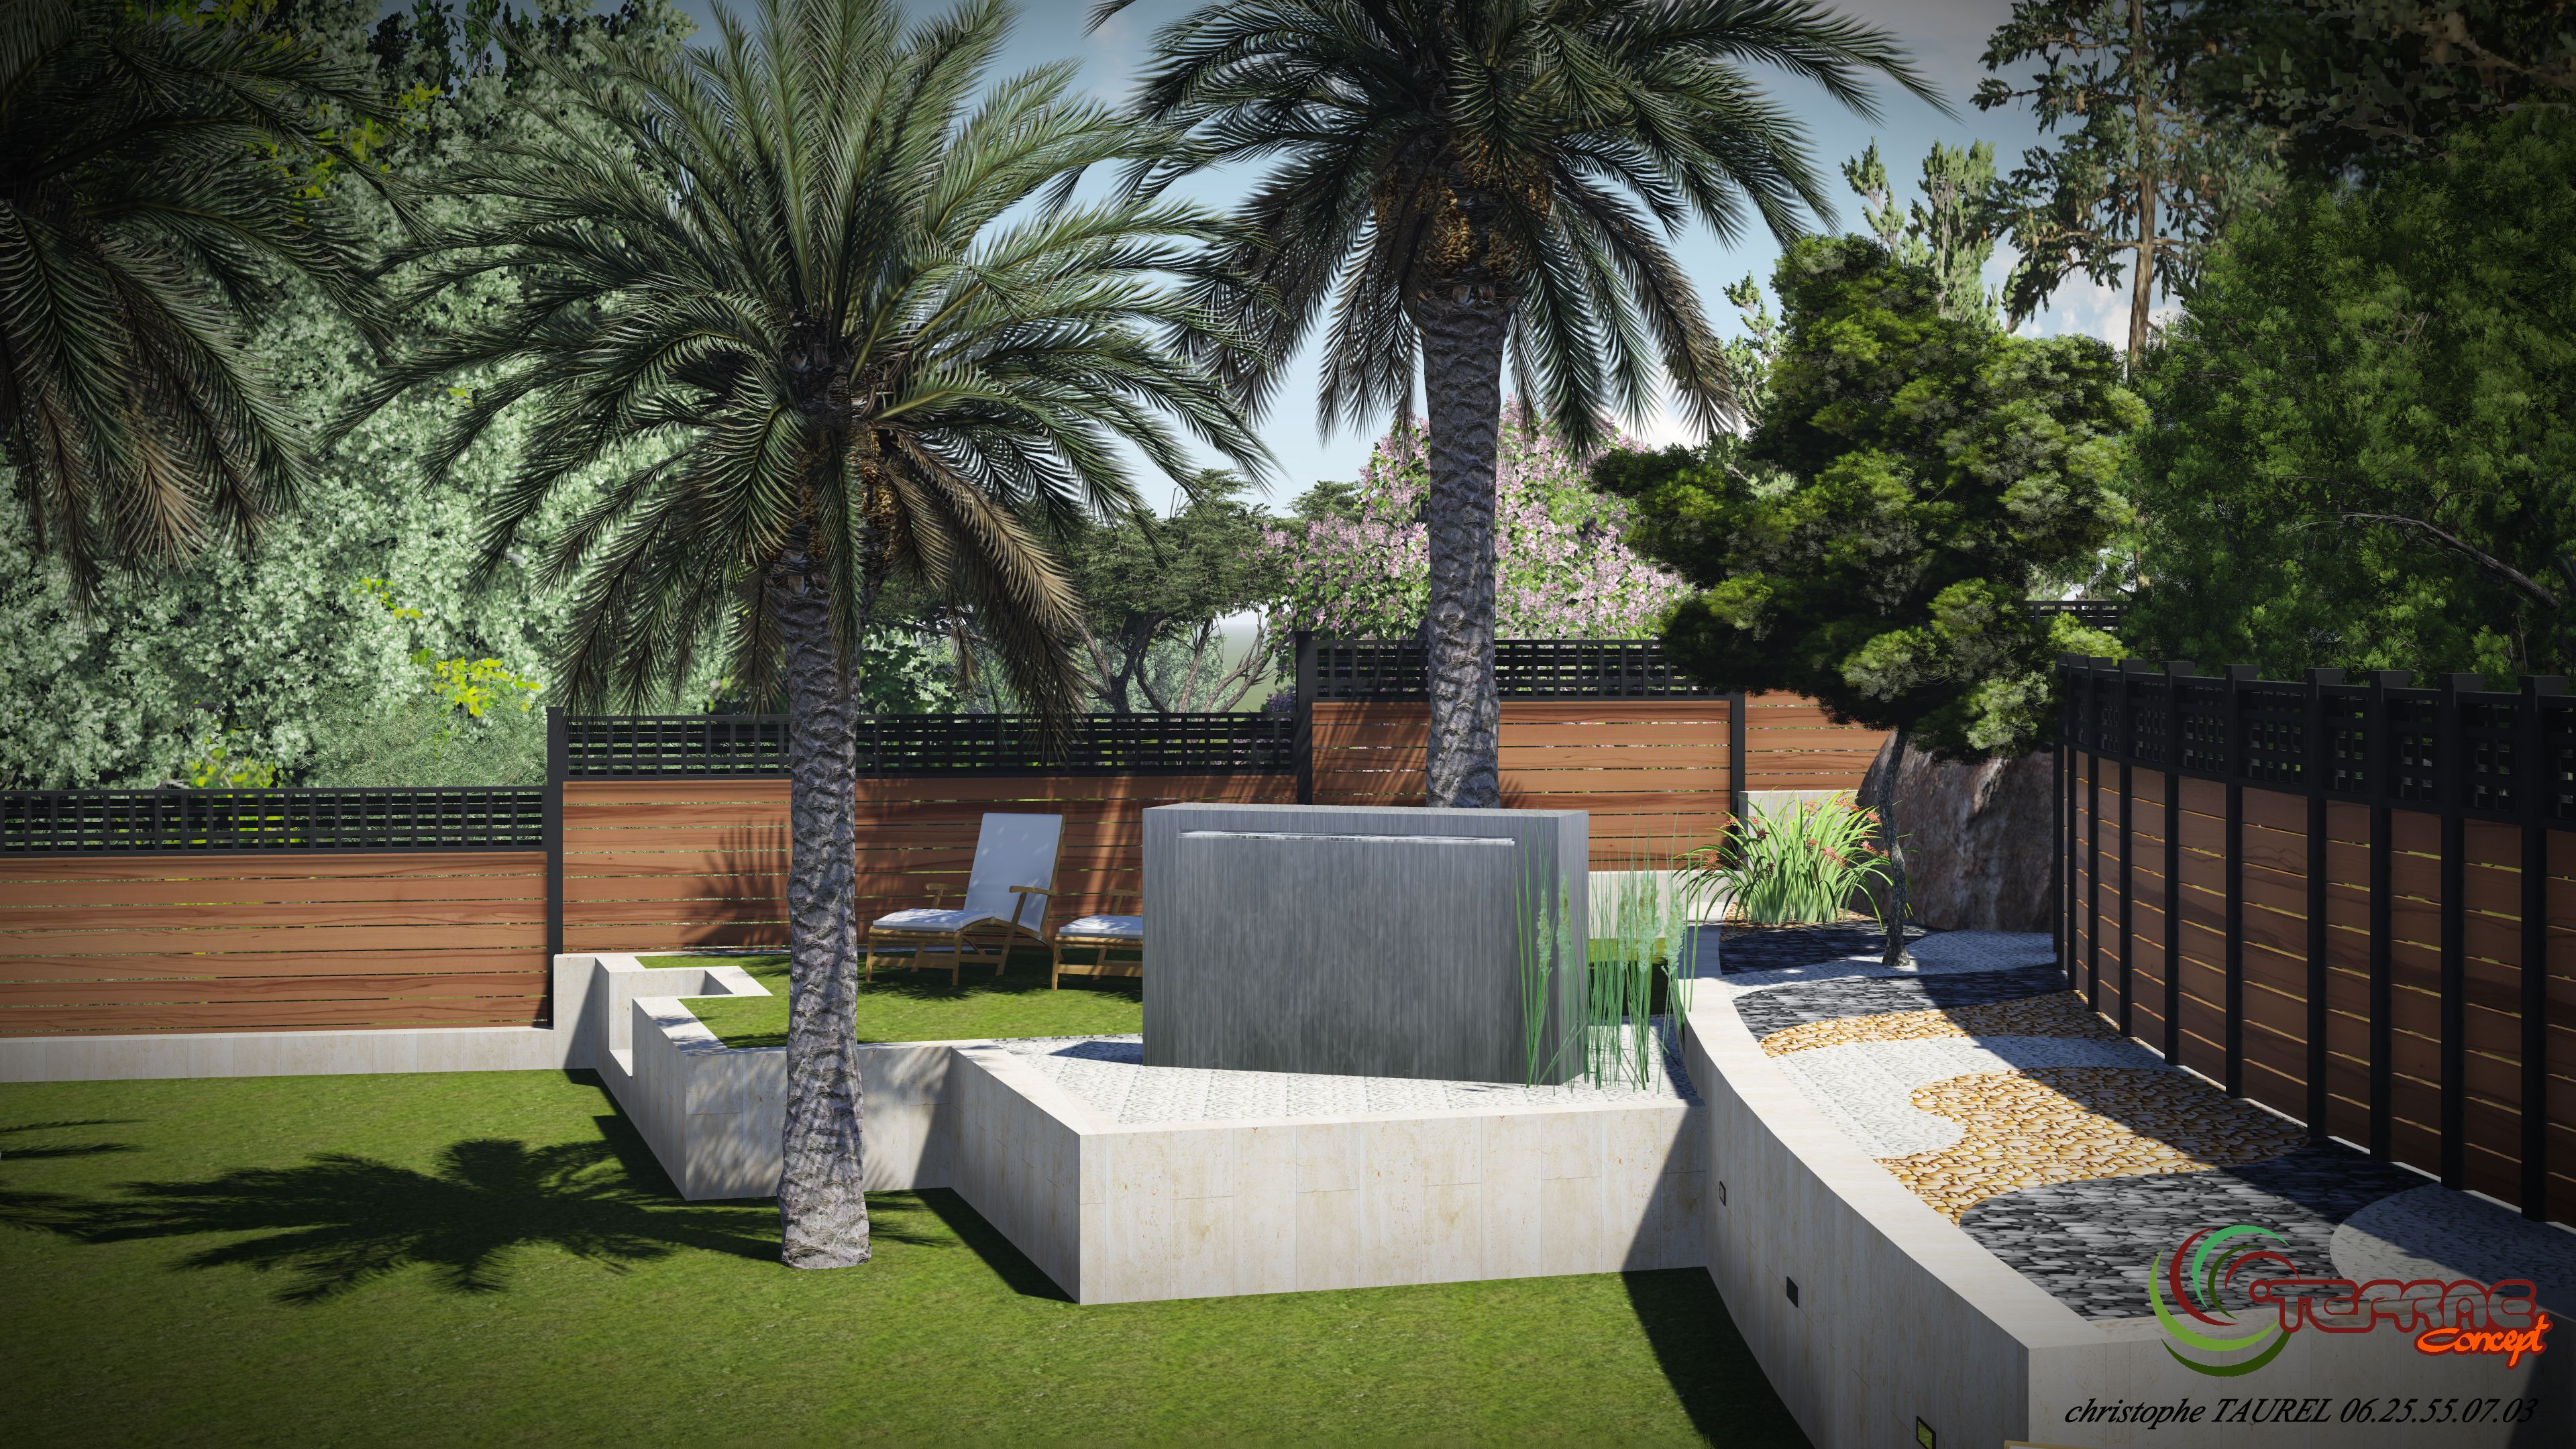 Image maison 3d permis de construire plan maison 3d for Jardin de maison design